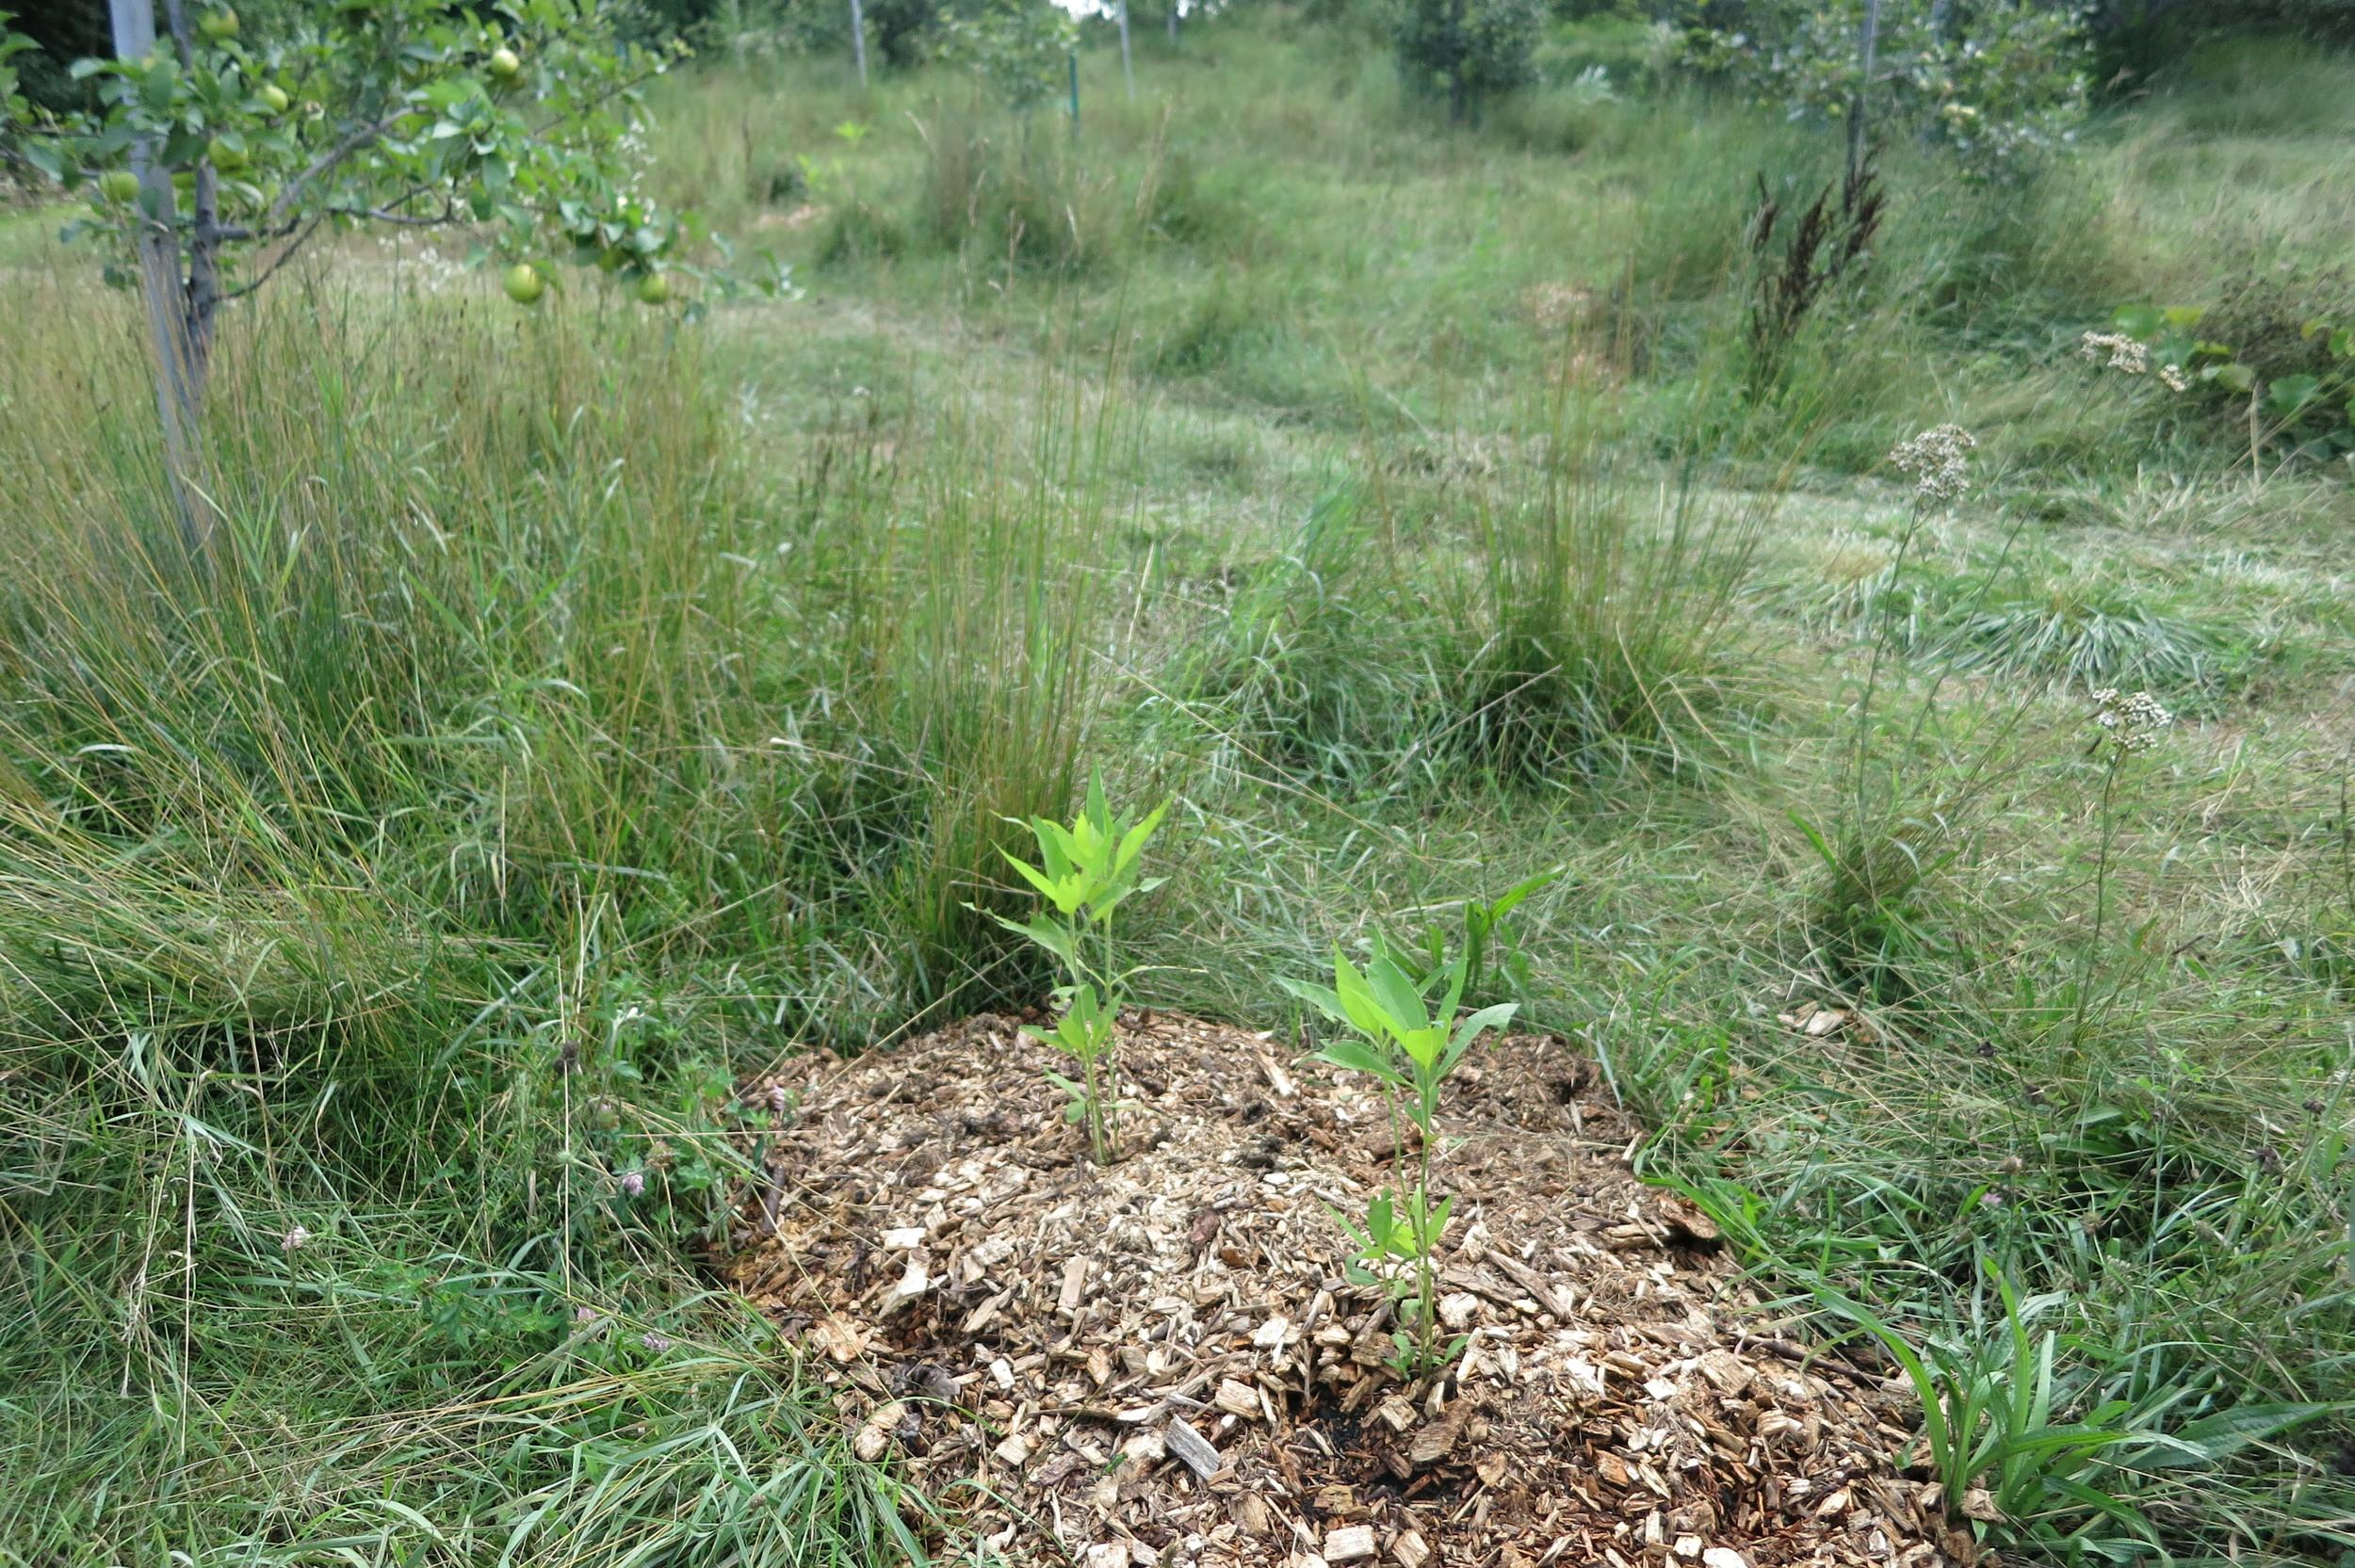 Jerusalem artichoke or sunchoke, Helianthus tuberosus, Asteraceae